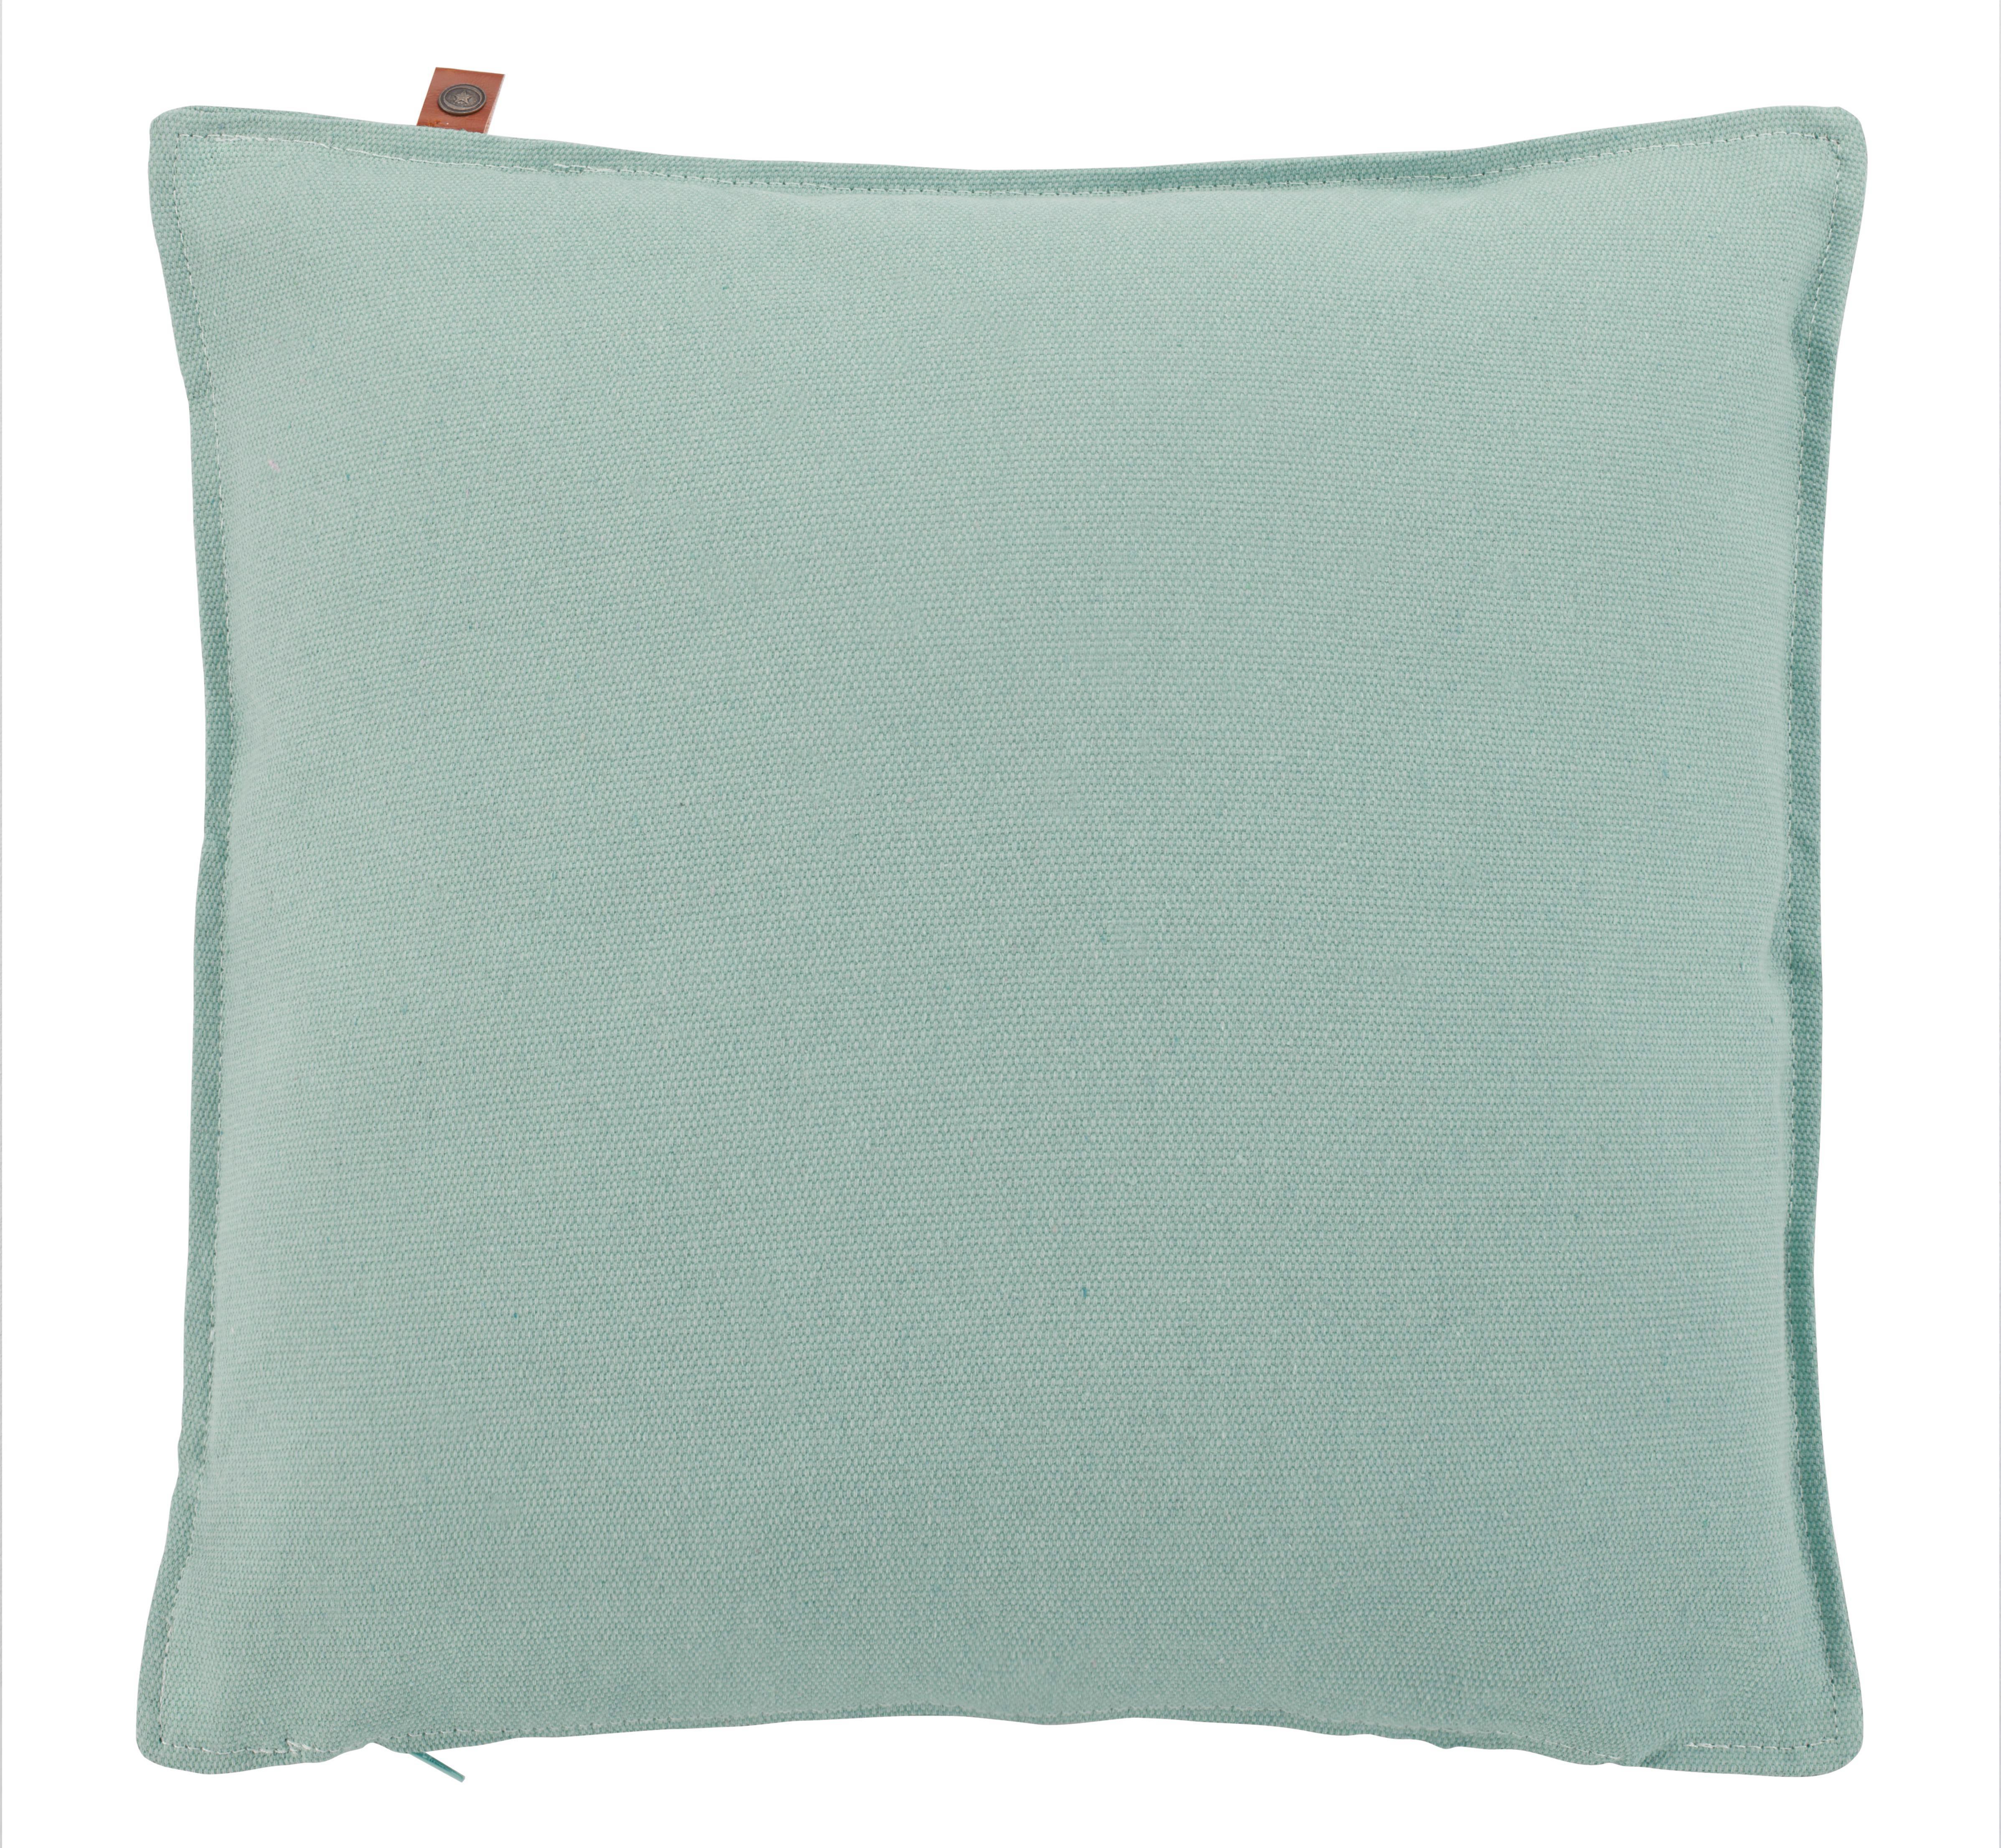 Zierkissen Jenna 45x45cm - Mintgrün, MODERN, Textil (45/45cm)